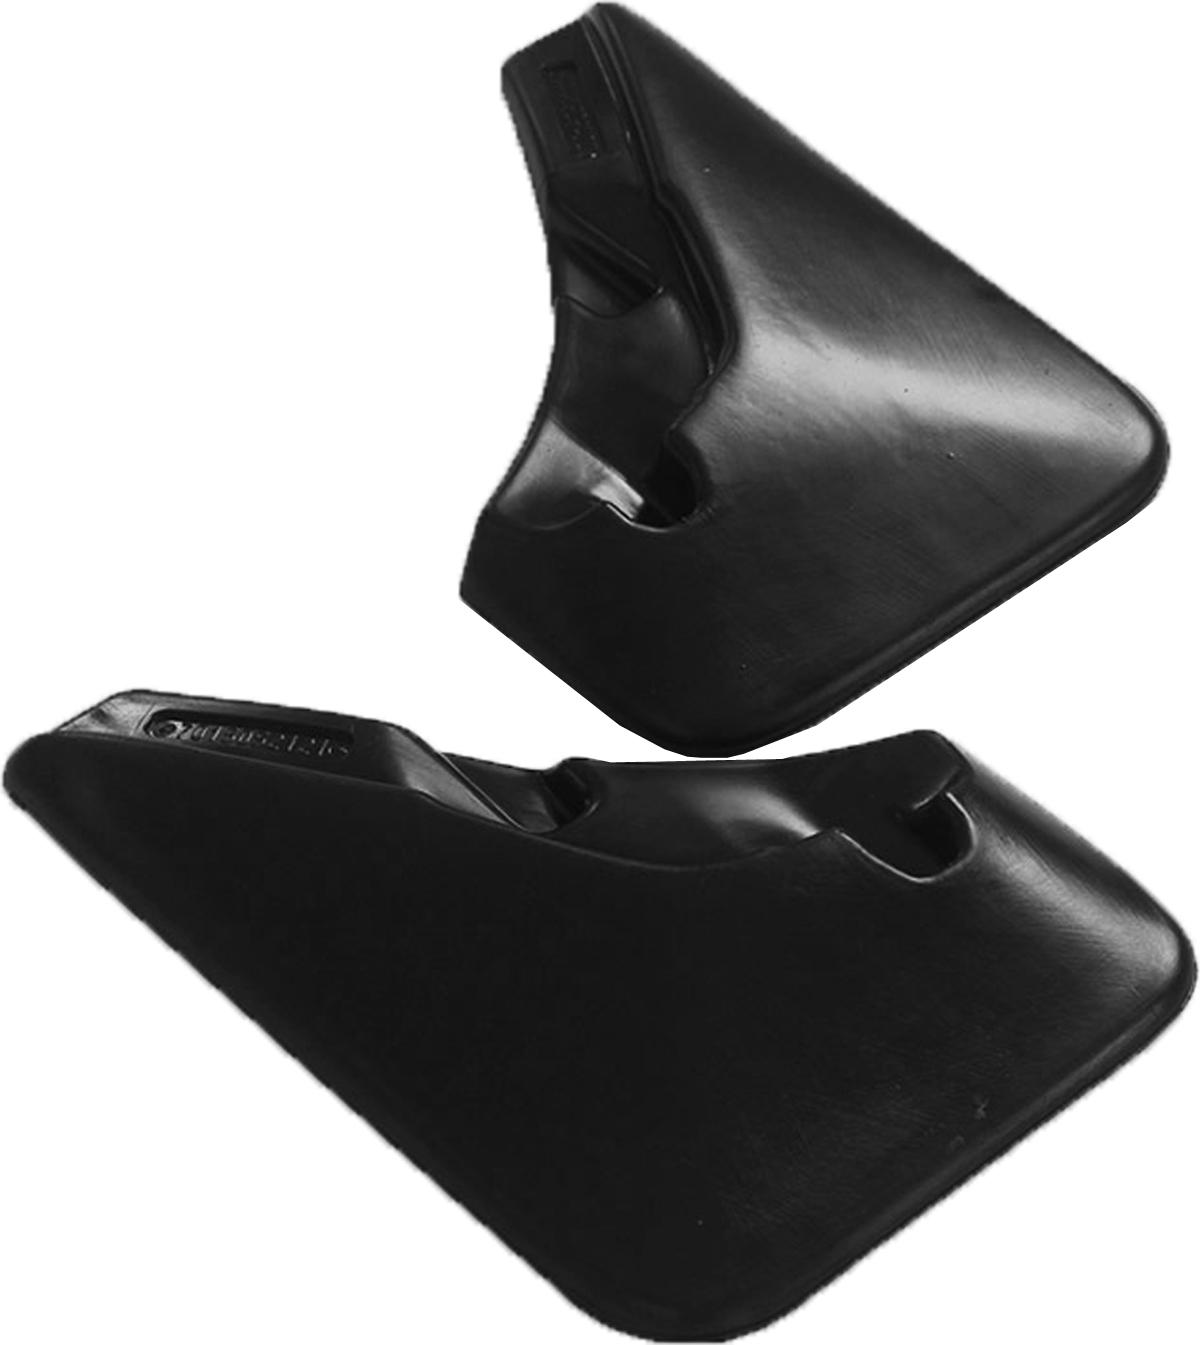 Комплект брызговиков передних для а/м Fiat Doblo7015052151Брызговики изготовлены из высококачественного полимера, уникальный состав брызговиков допускает их эксплуатацию в широком диапазоне температур: - 50°С до + 80°С. Эффективно защищают кузов автомобиля от грязи и воды – формируют аэродинамический поток воздуха, создаваемый при движении вокруг кузова таким образом, чтобы максимально уменьшить образование грязевой измороси, оседающей на автомобиле. Разработаны индивидуально для каждой модели автомобиля, с эстетической точки зрения брызговики являются завершением колесной арки.